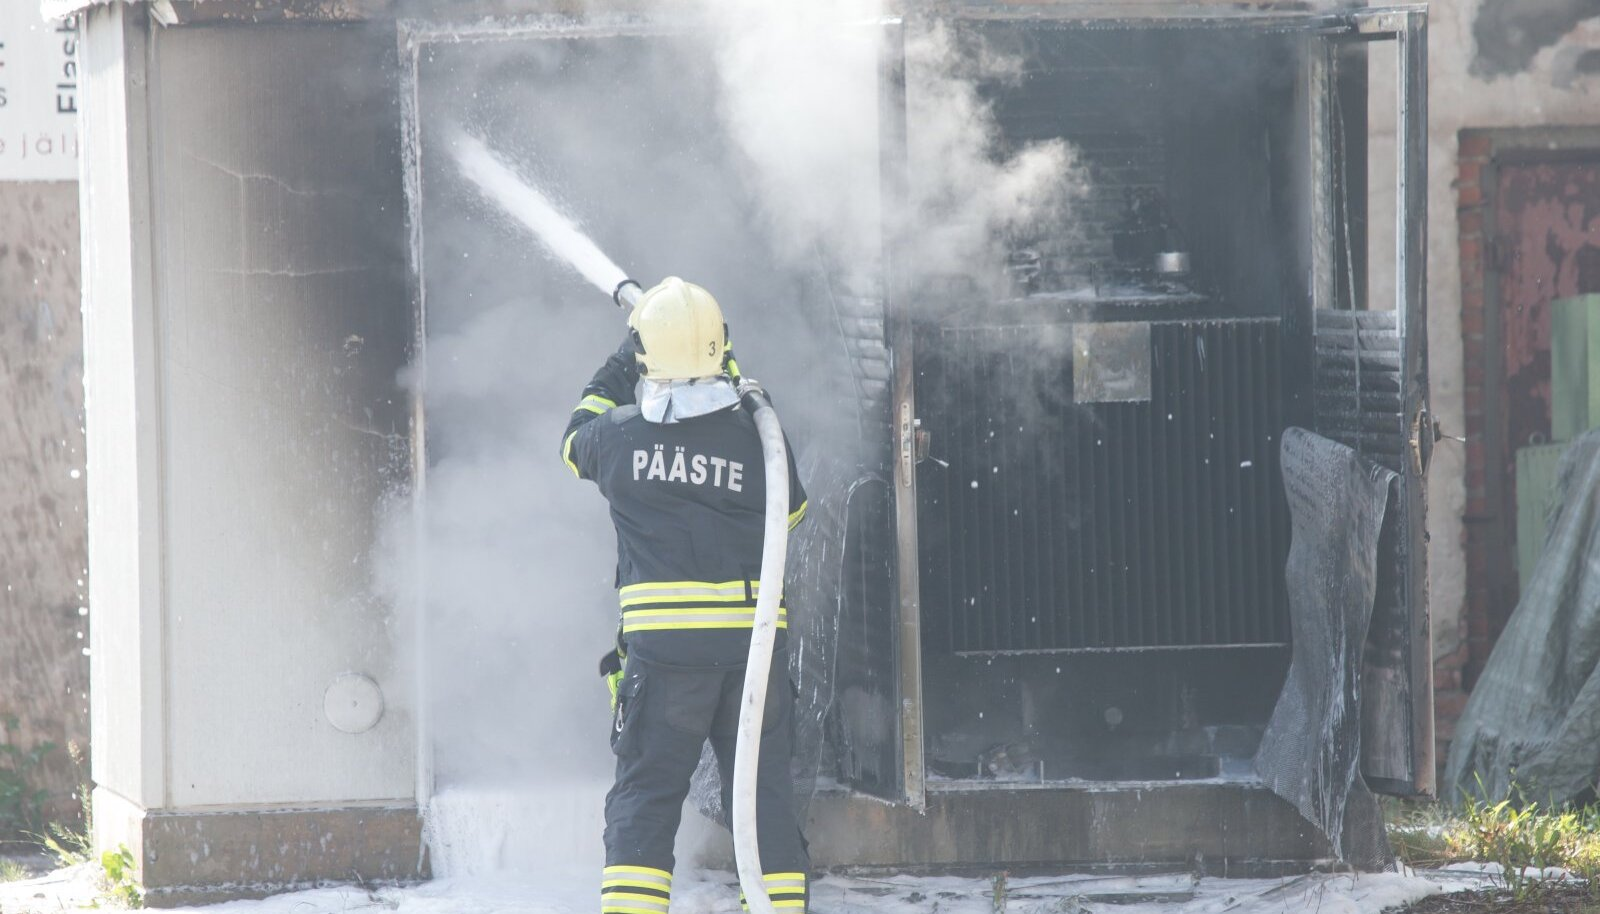 Põleng alajaamas on ka päästjatele äärmiselt keeruline ja enne veejoa tule peale suunamist tuleb saada kirjalik luba.